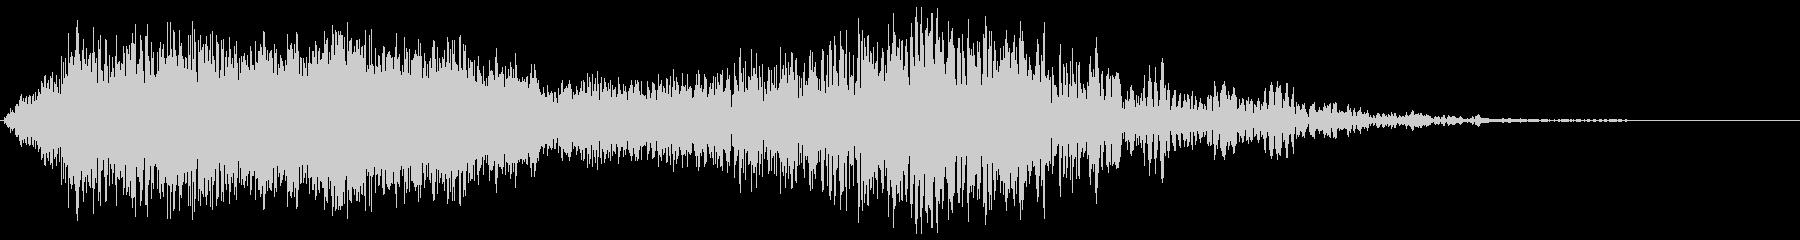 ぶわぁピュゥゥ(パイプオルガンと風)の未再生の波形